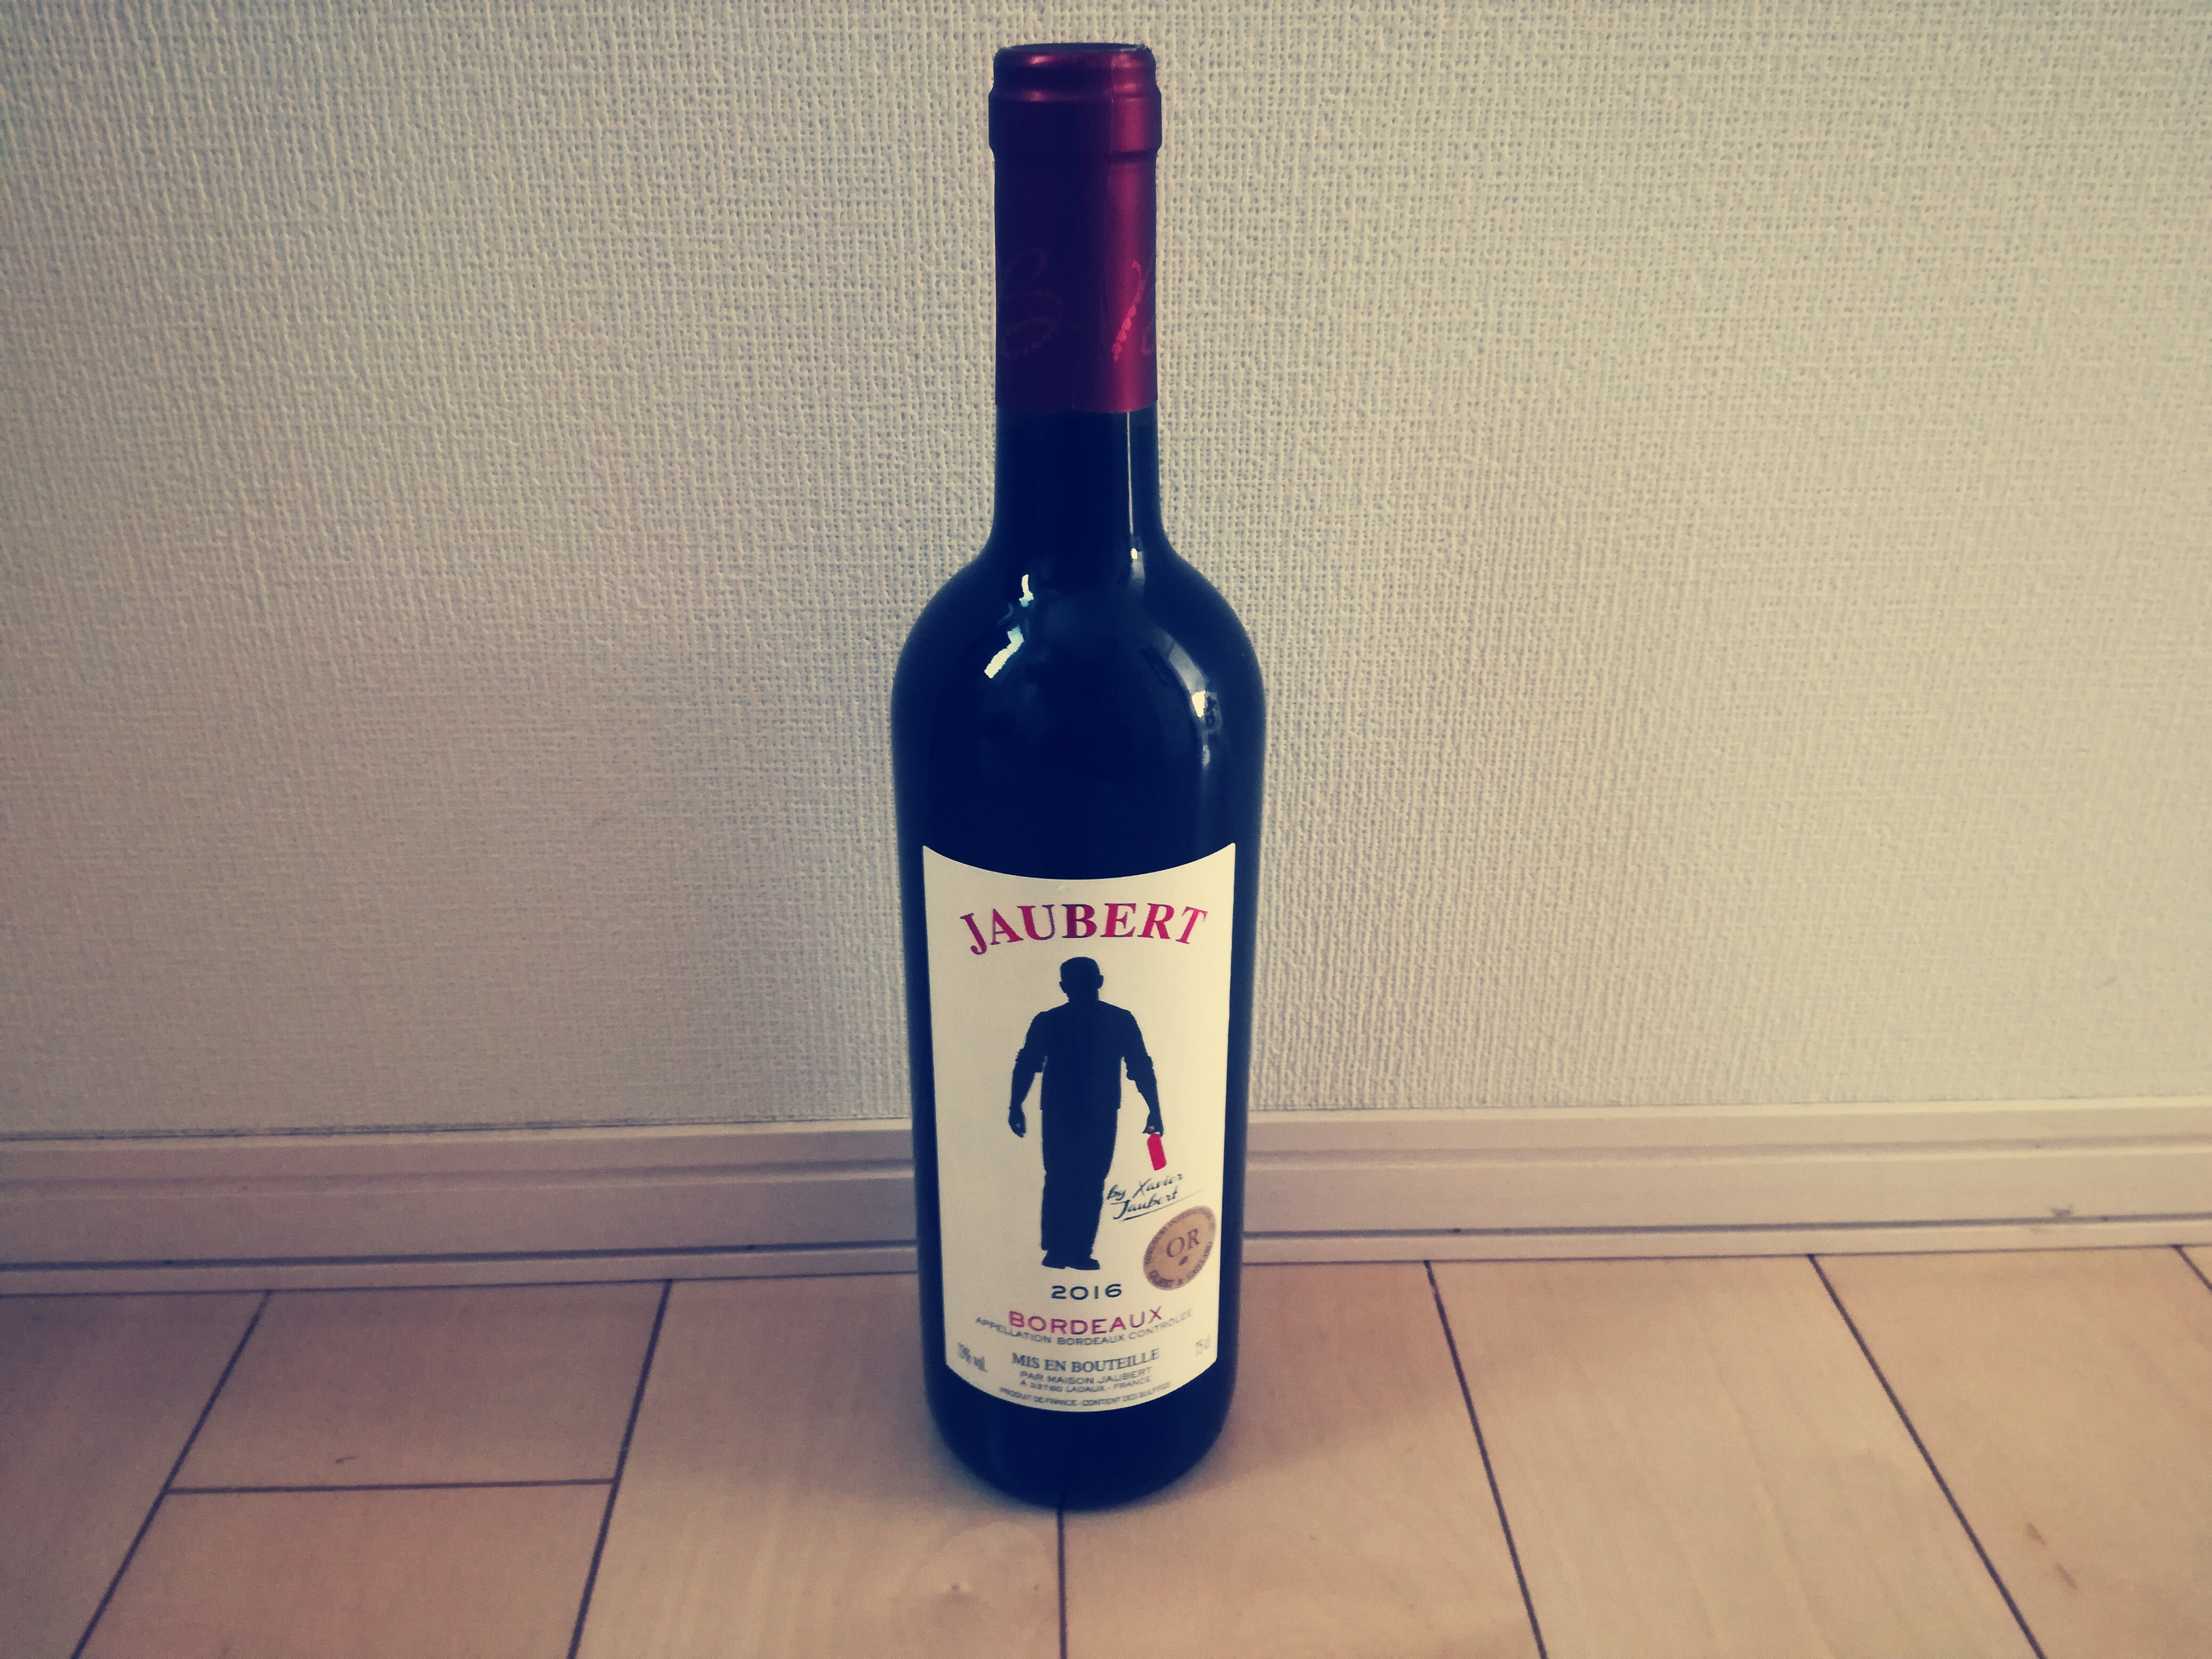 ベルーナ(9997)から初めての株主優待で選択した赤ワインが到着!